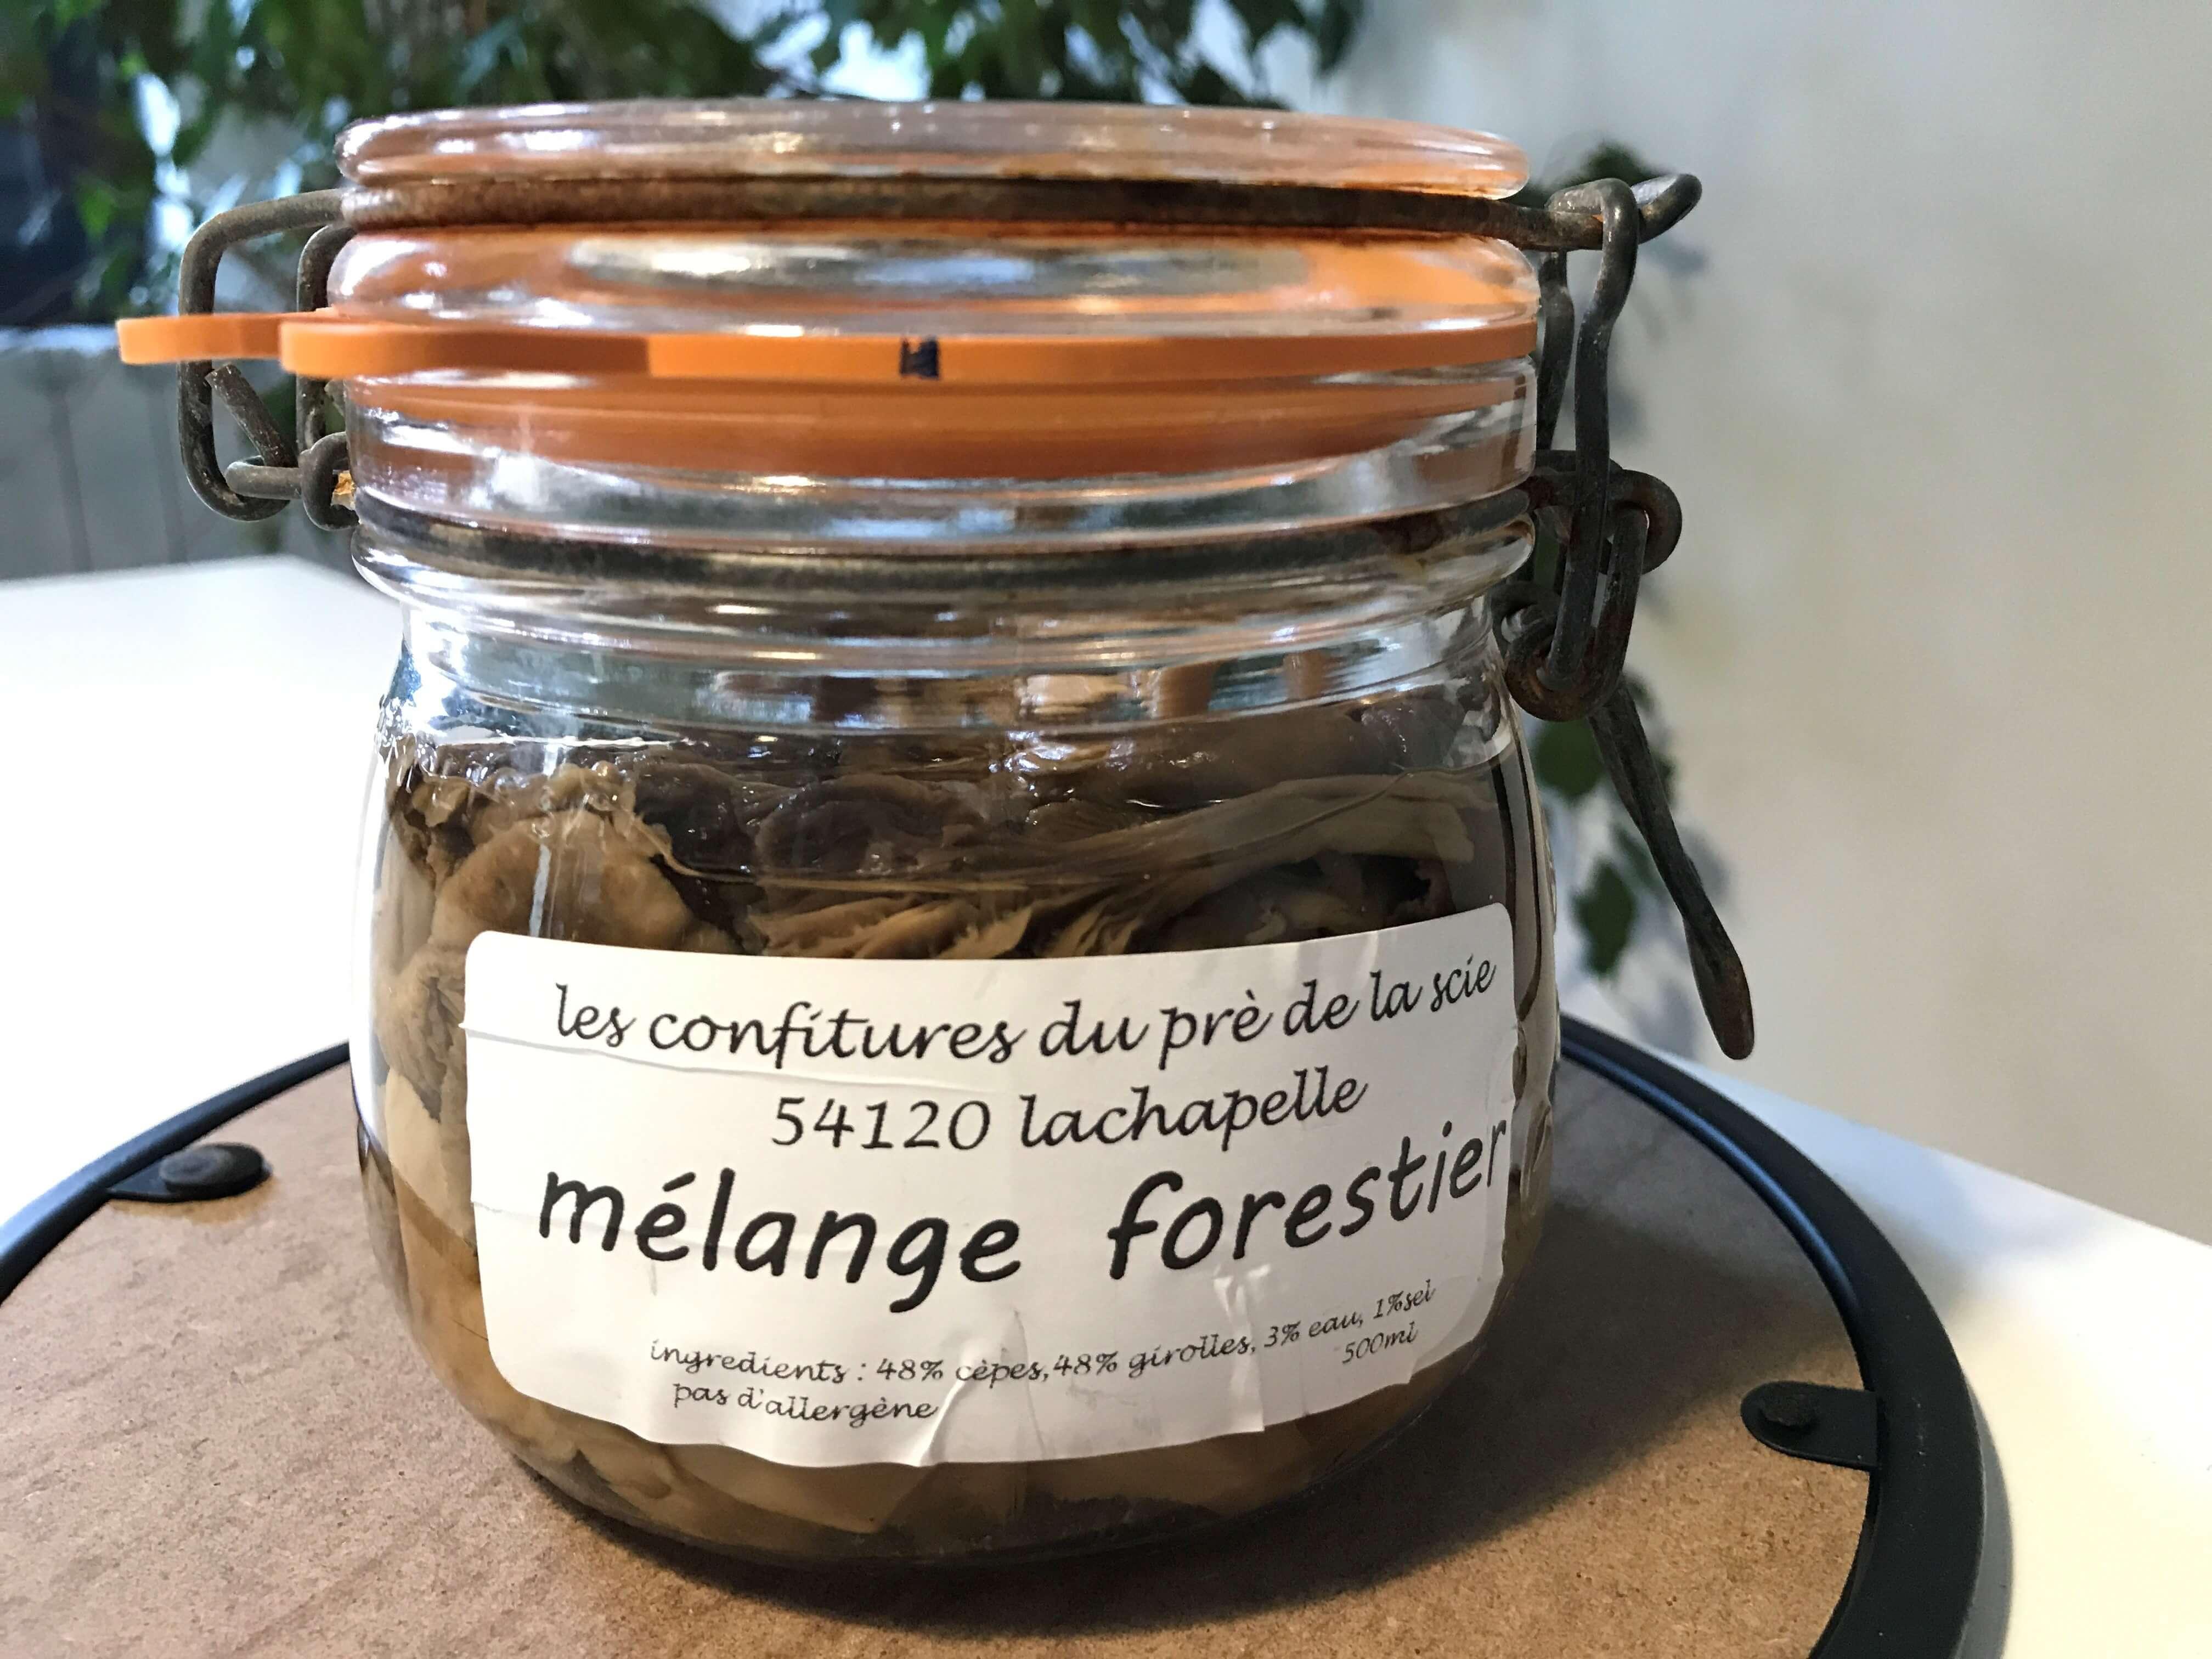 Champignons. Mélange Forestier